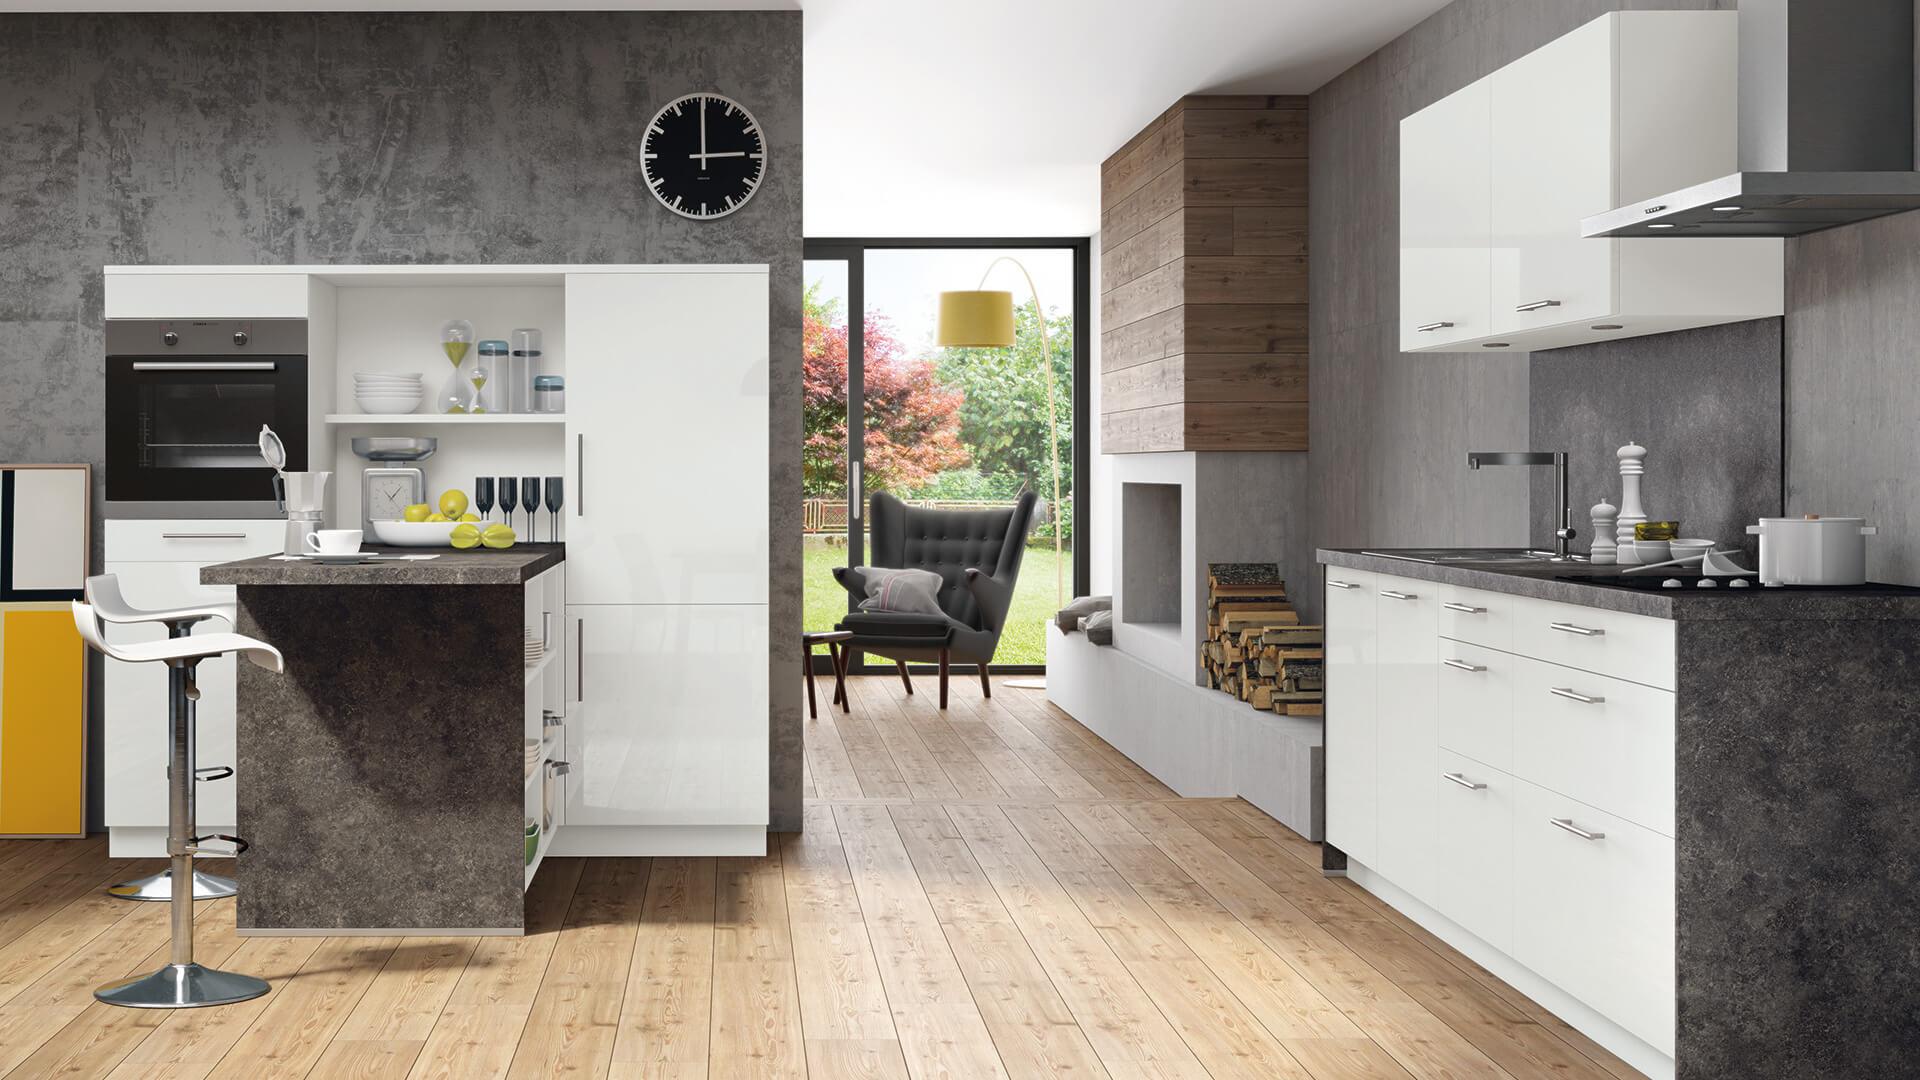 Küchen Ruberg - Ihr Küchen-Meisterbetrieb aus Leer in Ostfriesland